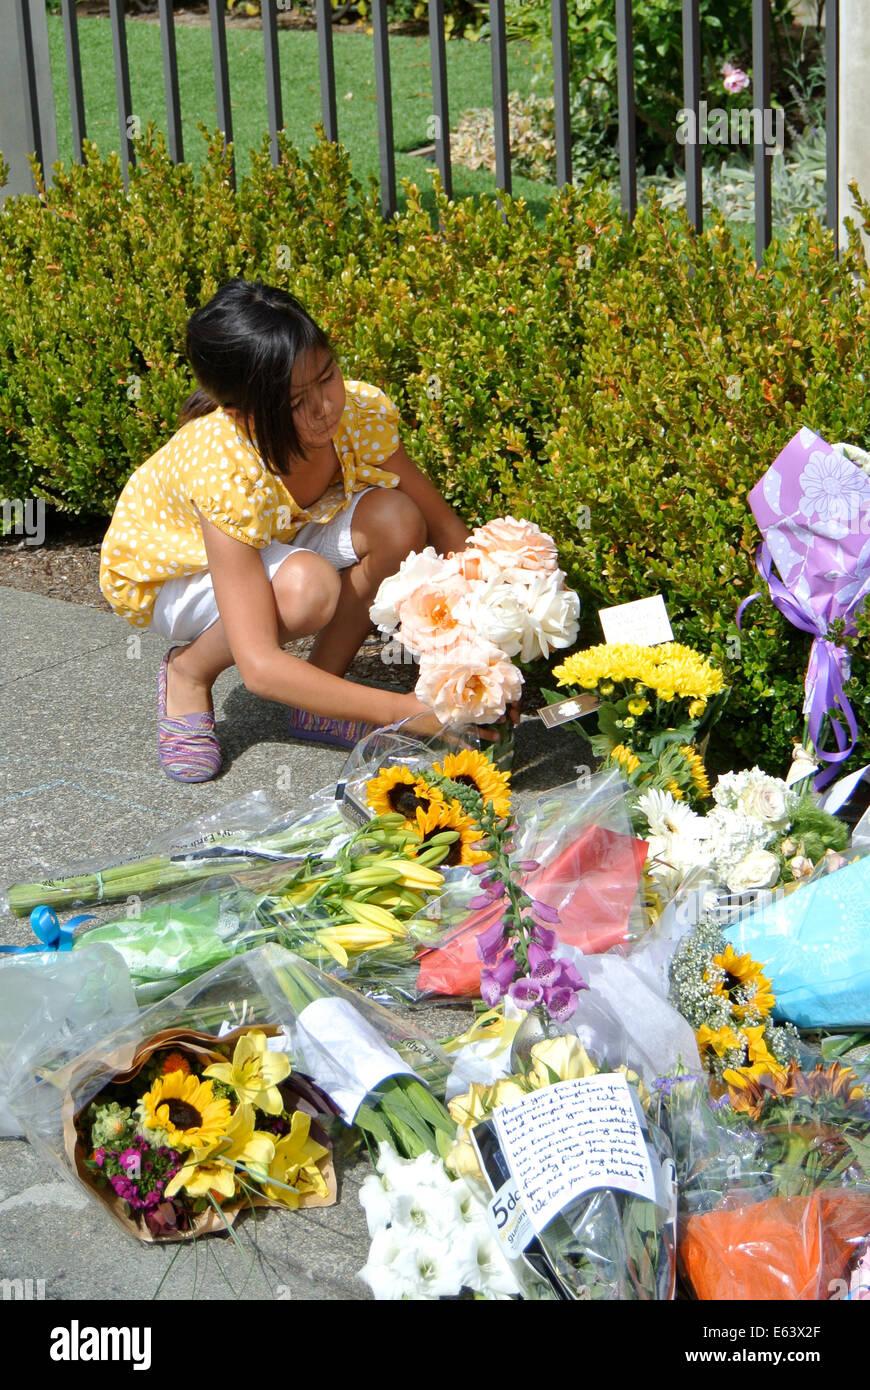 Tiburon, CA, USA. 13th Aug, 2014. August 13th, 2014, Tiburon, California, USA. Sidewalk of Robins Williams Tiburon - Stock Image